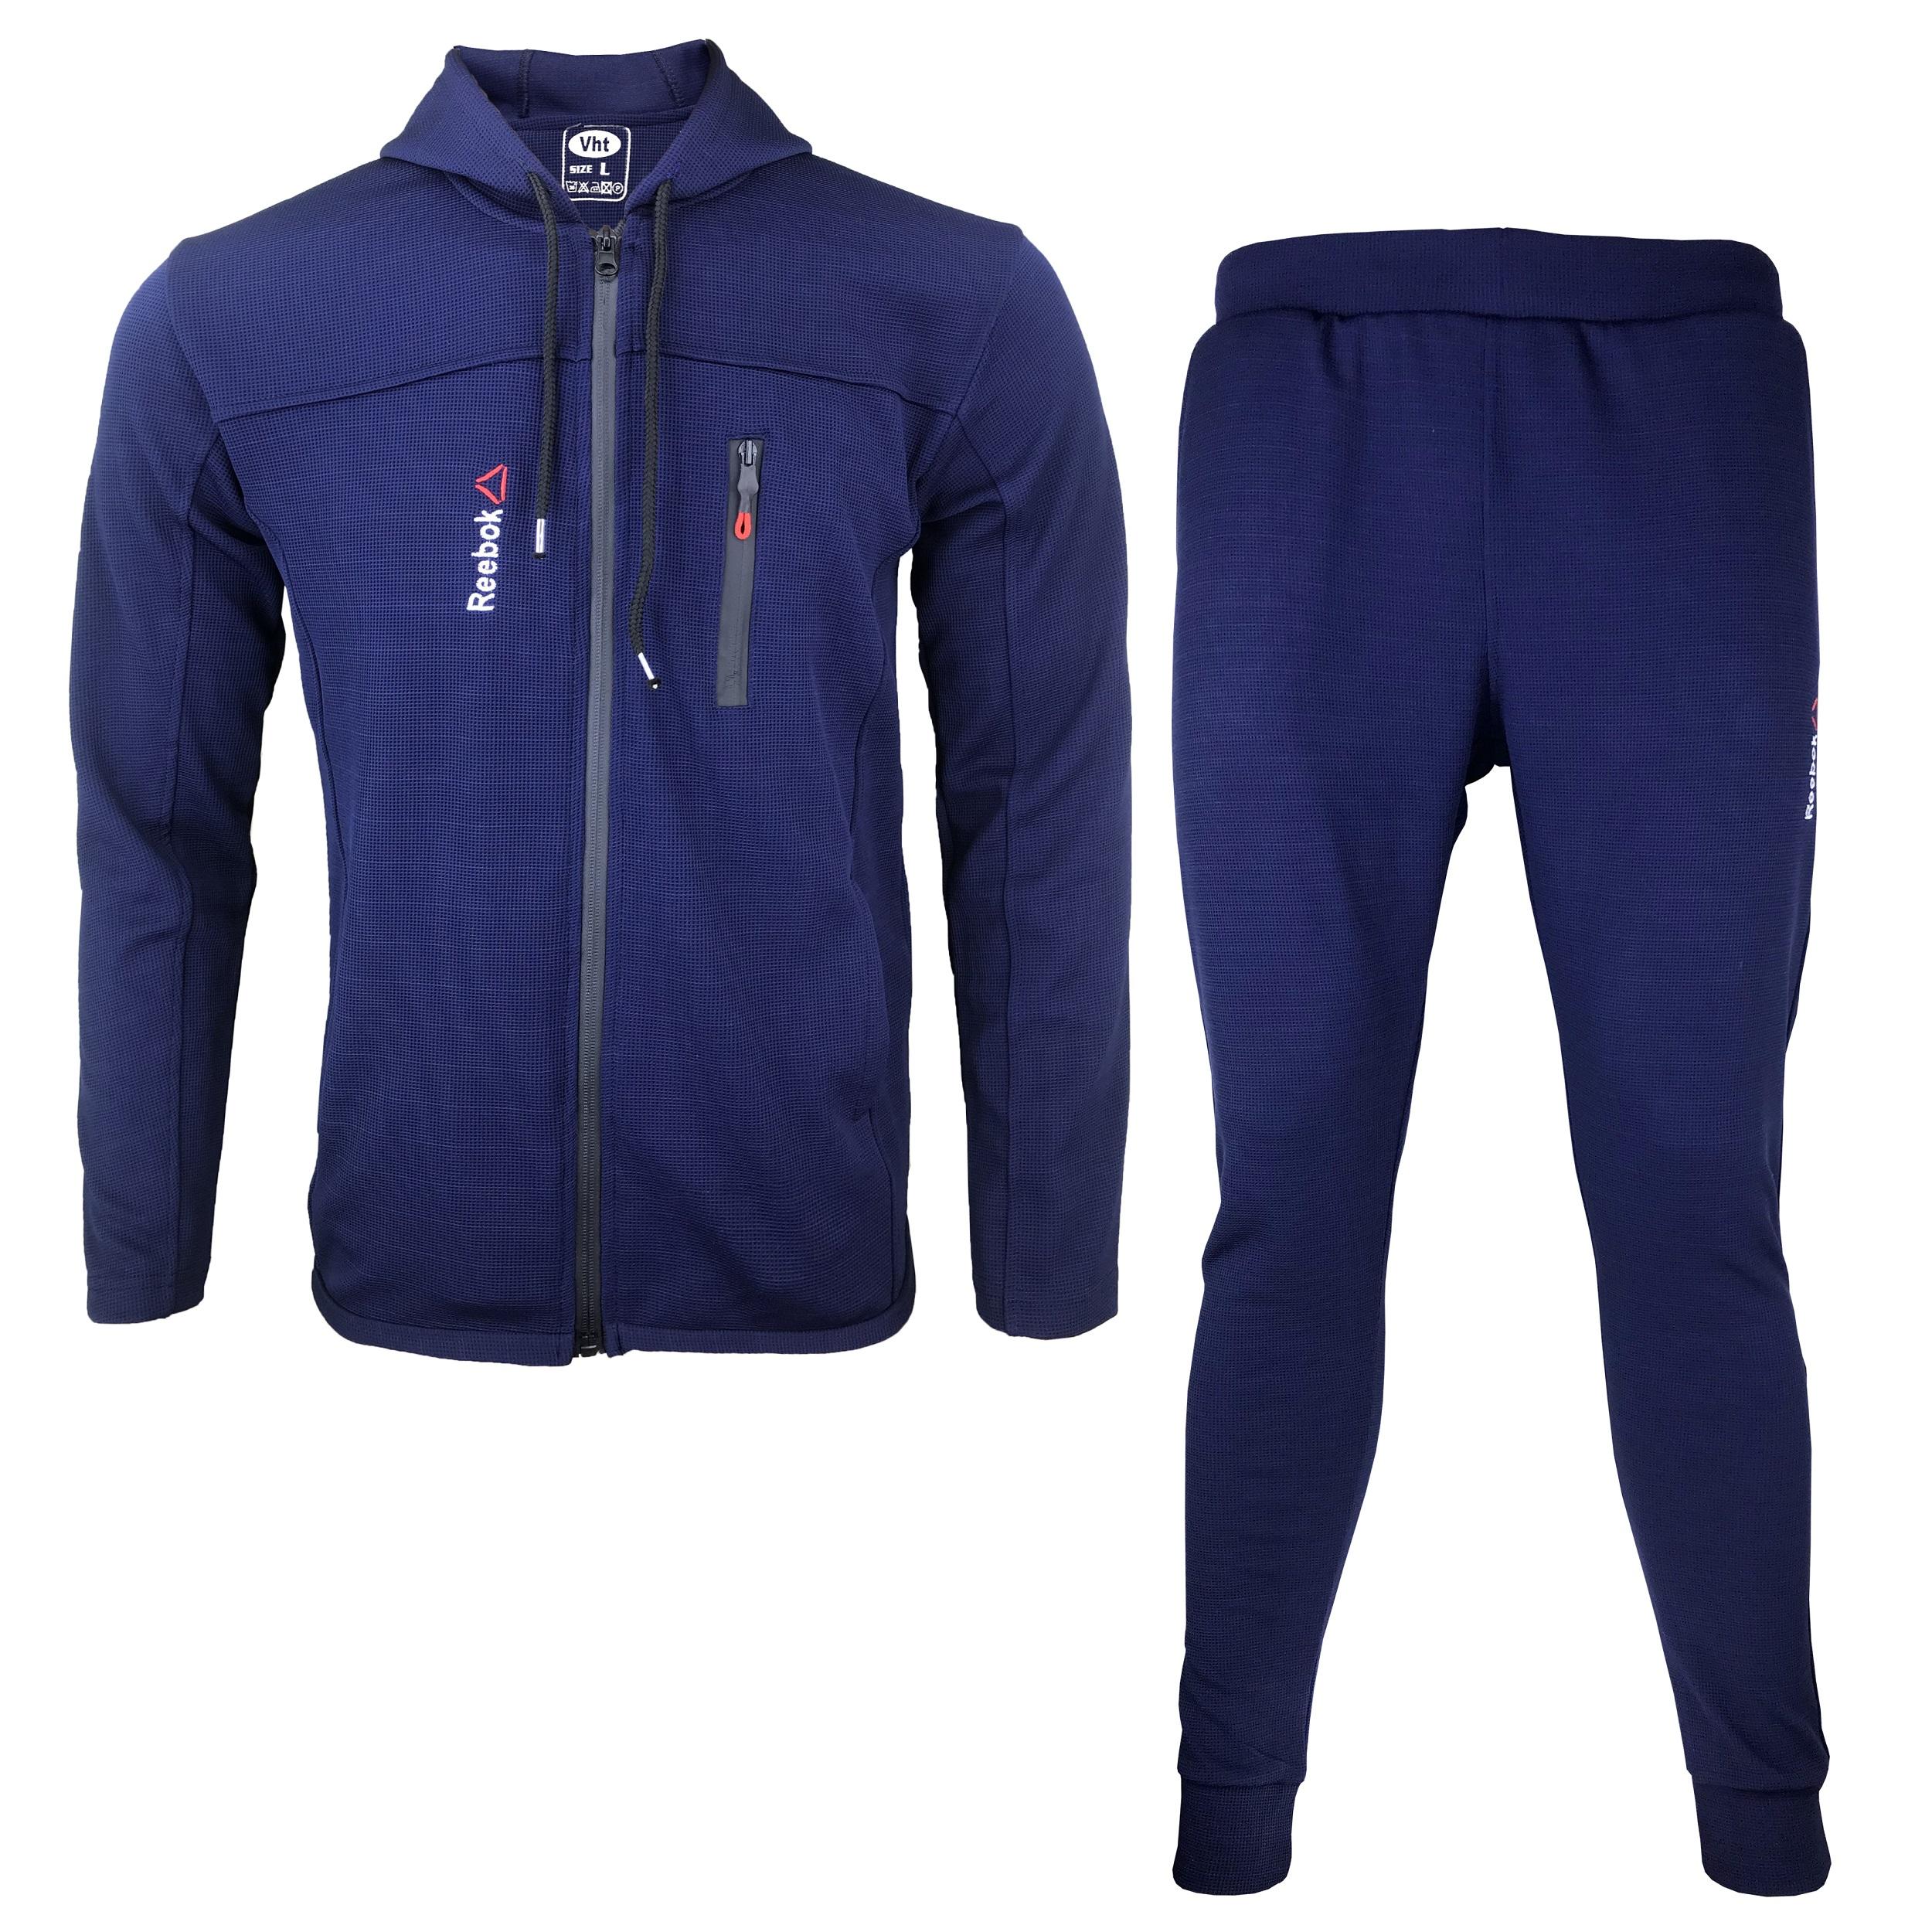 ست گرمکن و شلوار ورزشی مردانه مدل R-BU01 غیر اصل